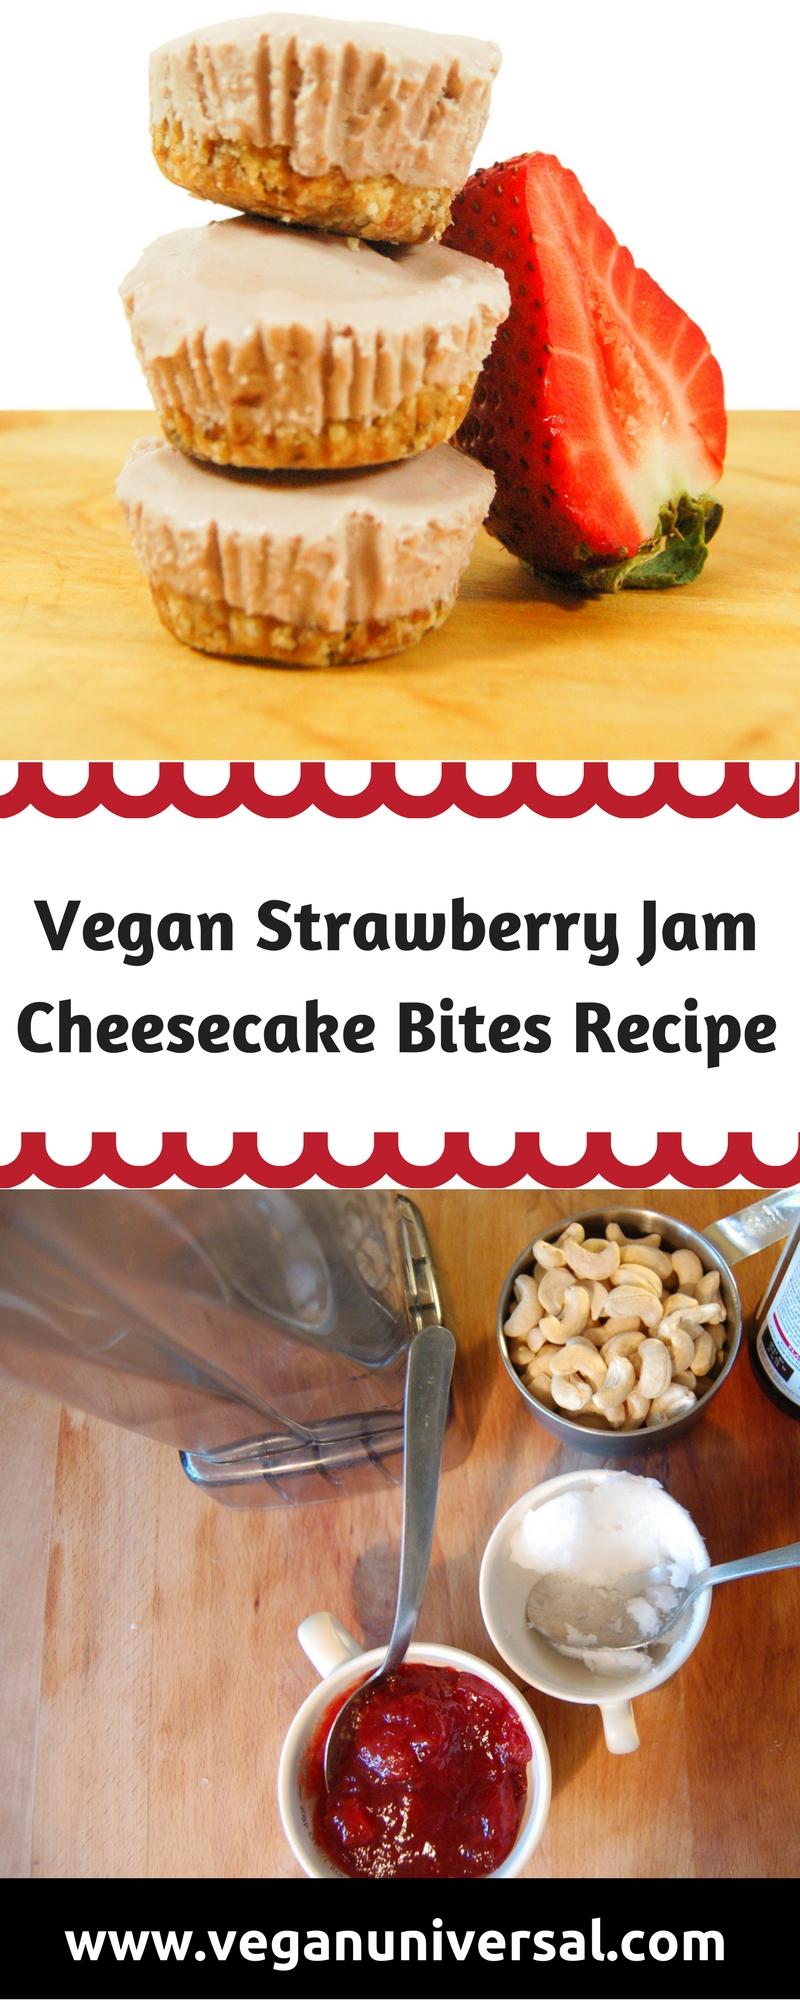 Vegan Strawberry Jam Cheesecake Bites Recipe